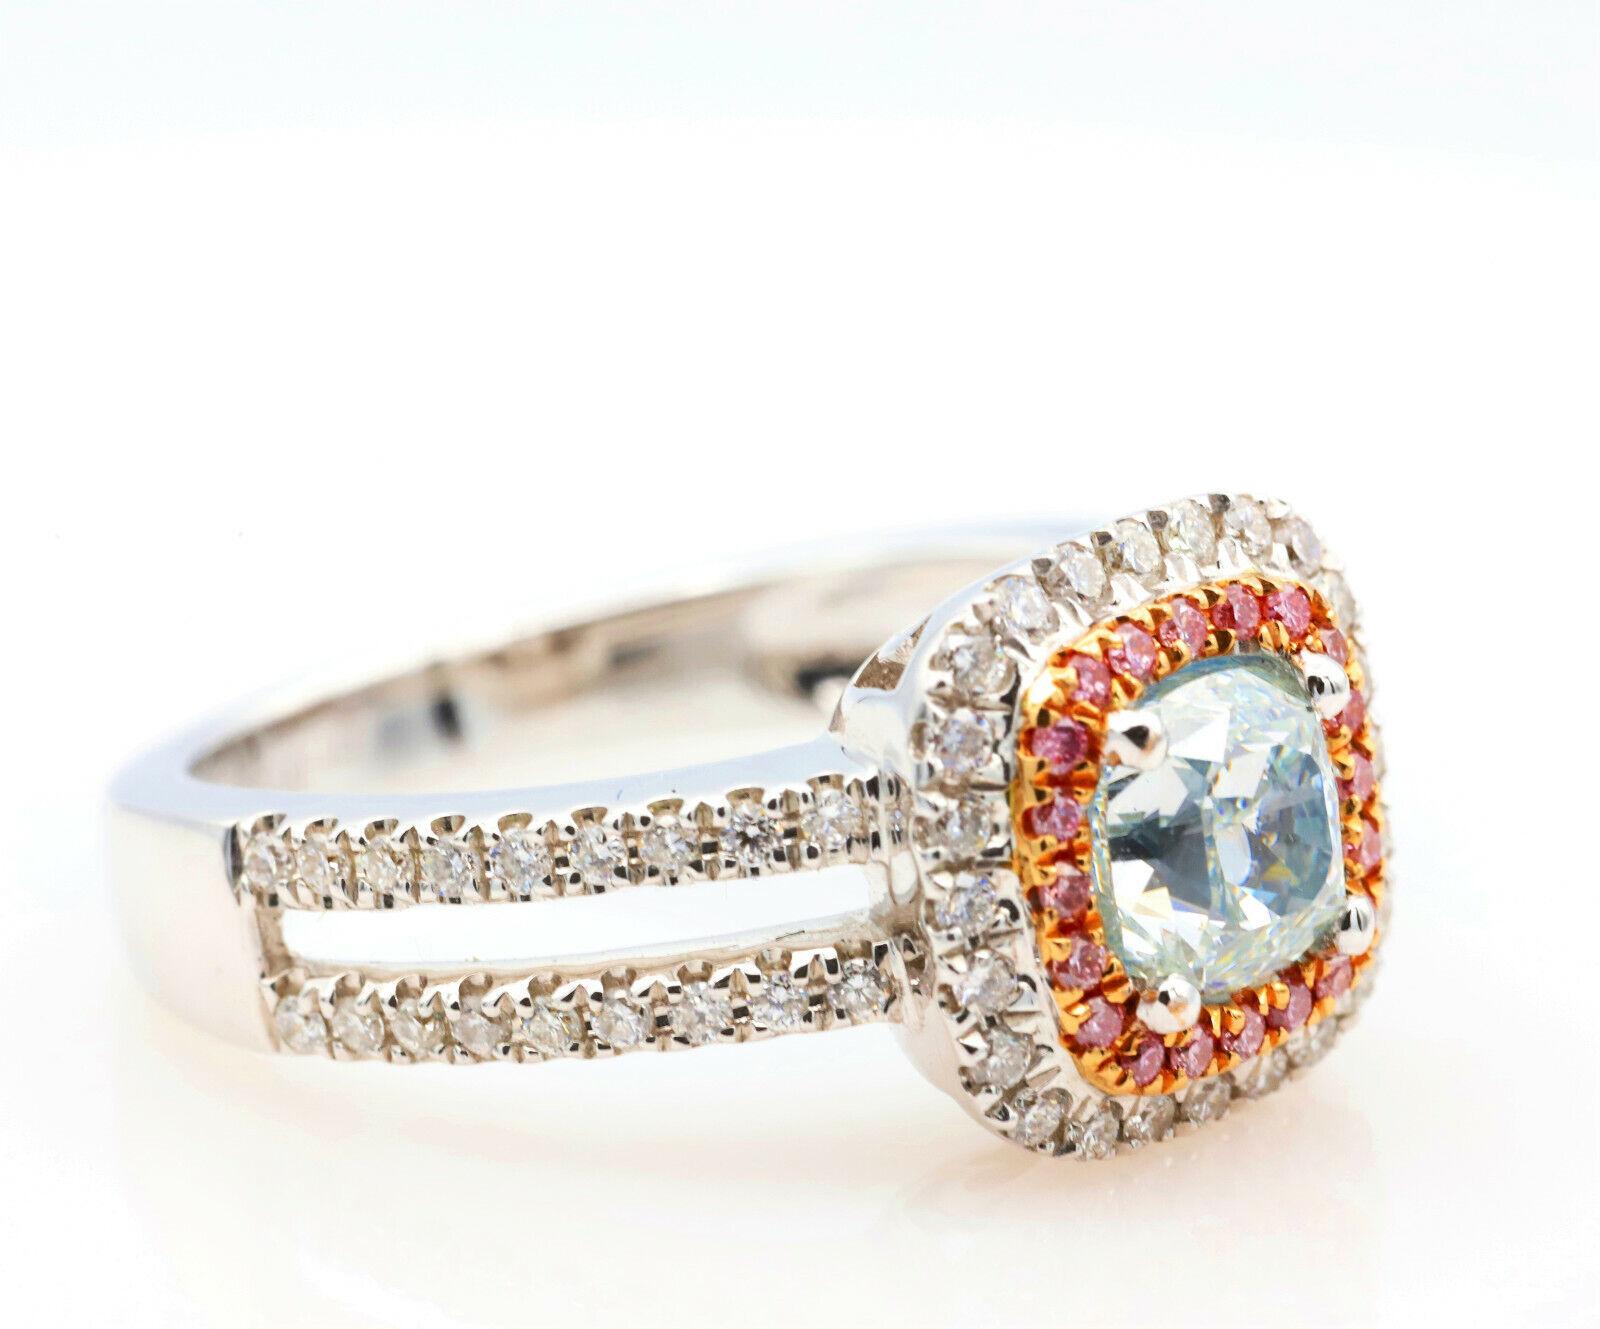 1.50ct Natural Fancy Light Green Argyle ntense Pink Diamonds Engagement Ring GIA 4